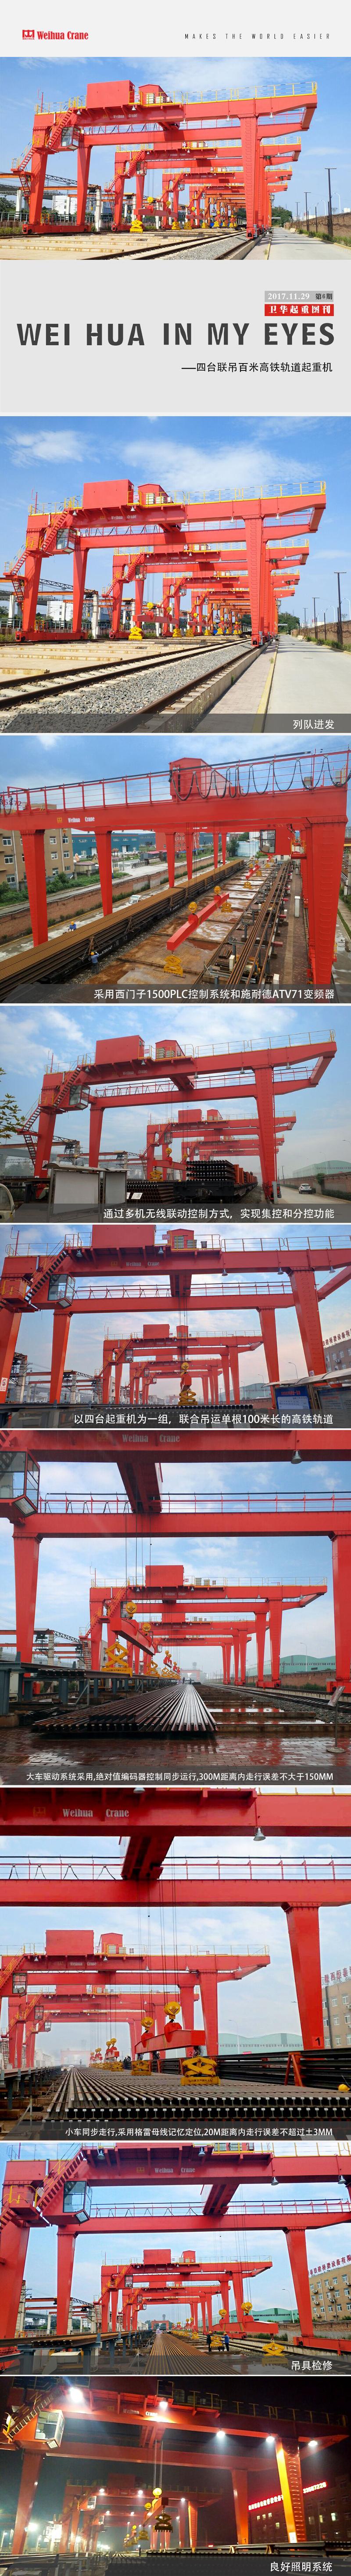 4-rmg-steel-track-handling